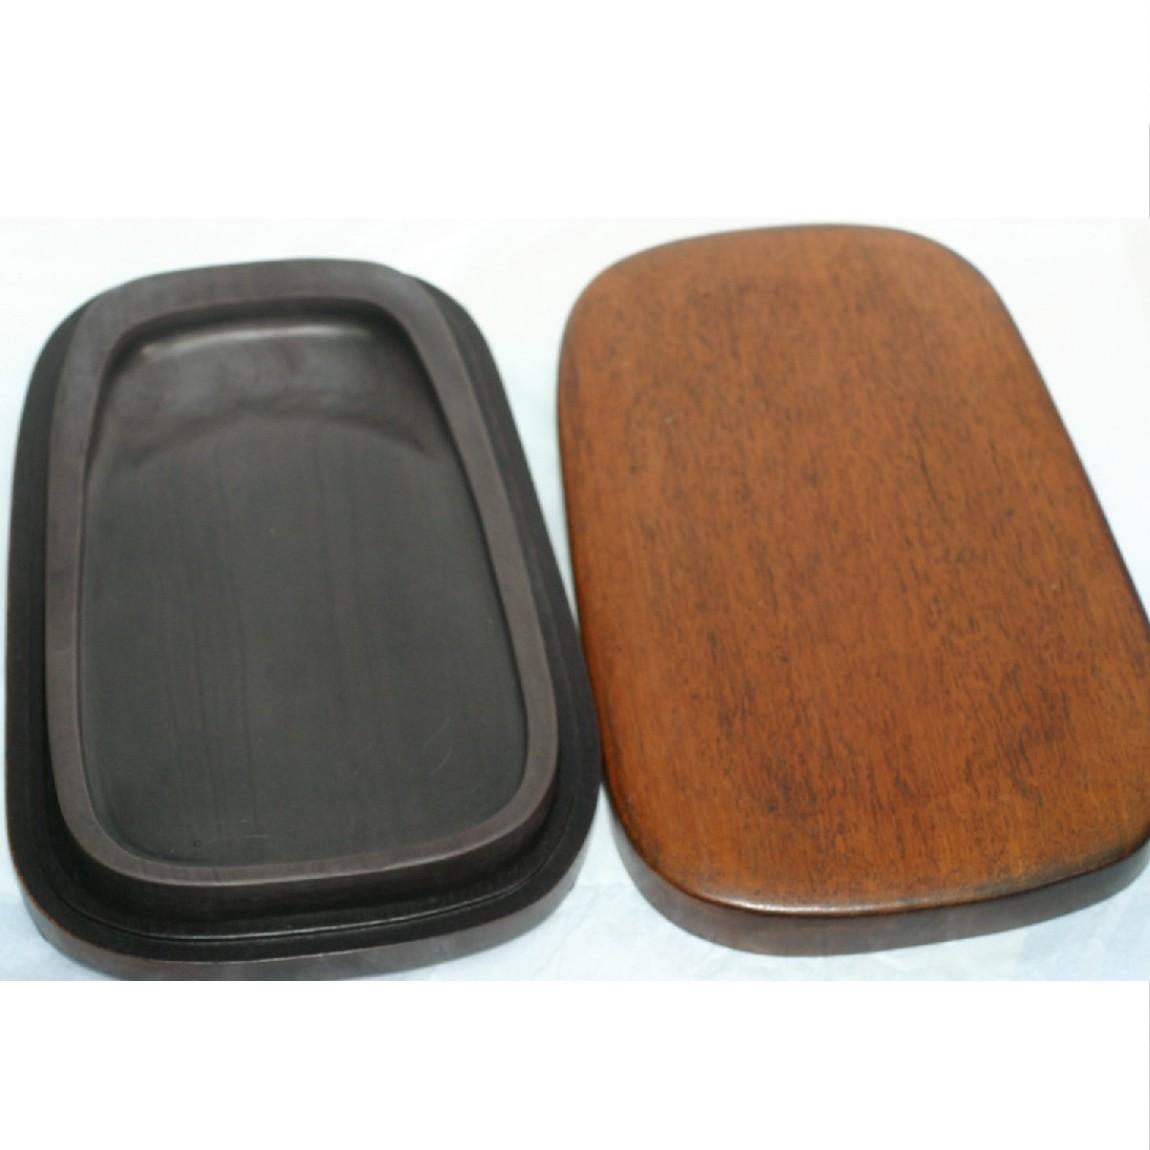 【中古】長期保管未使用中国で購入した専用ケース付き硯 23x14x2,5cm 290816-2